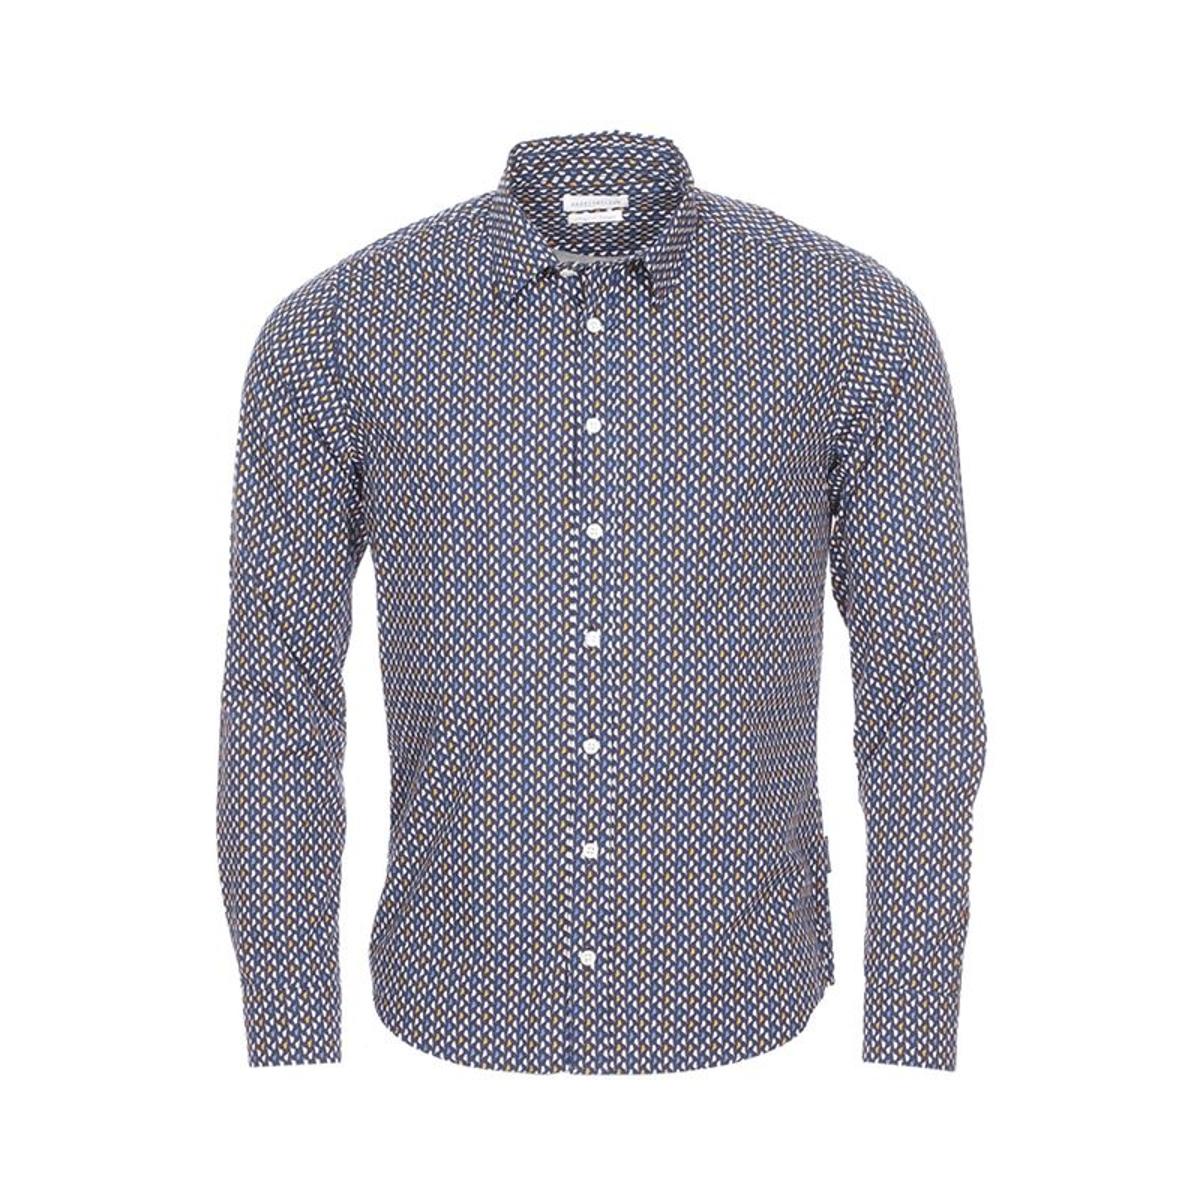 Chemise droite   Delano en coton   à motifs oiseaux ,  s et